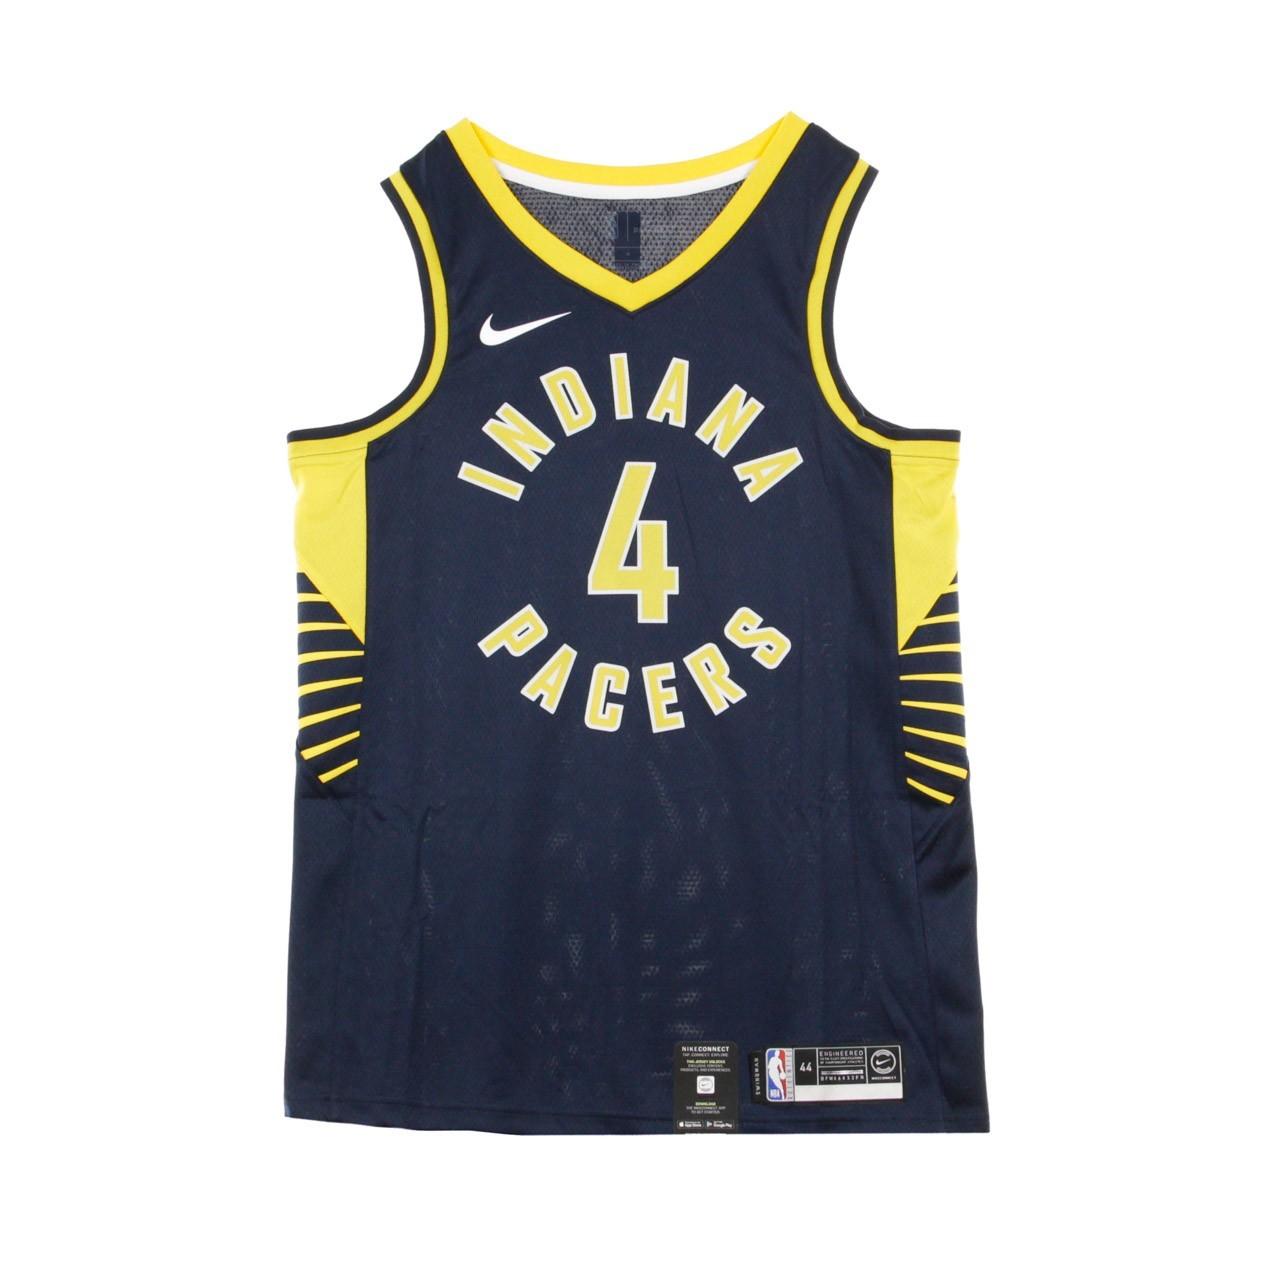 NIKE NBA NBA SWINGMAN JERSEY ICON EDITION NO 4 OLADIPO VICTOR INDPAC ROAD 864479